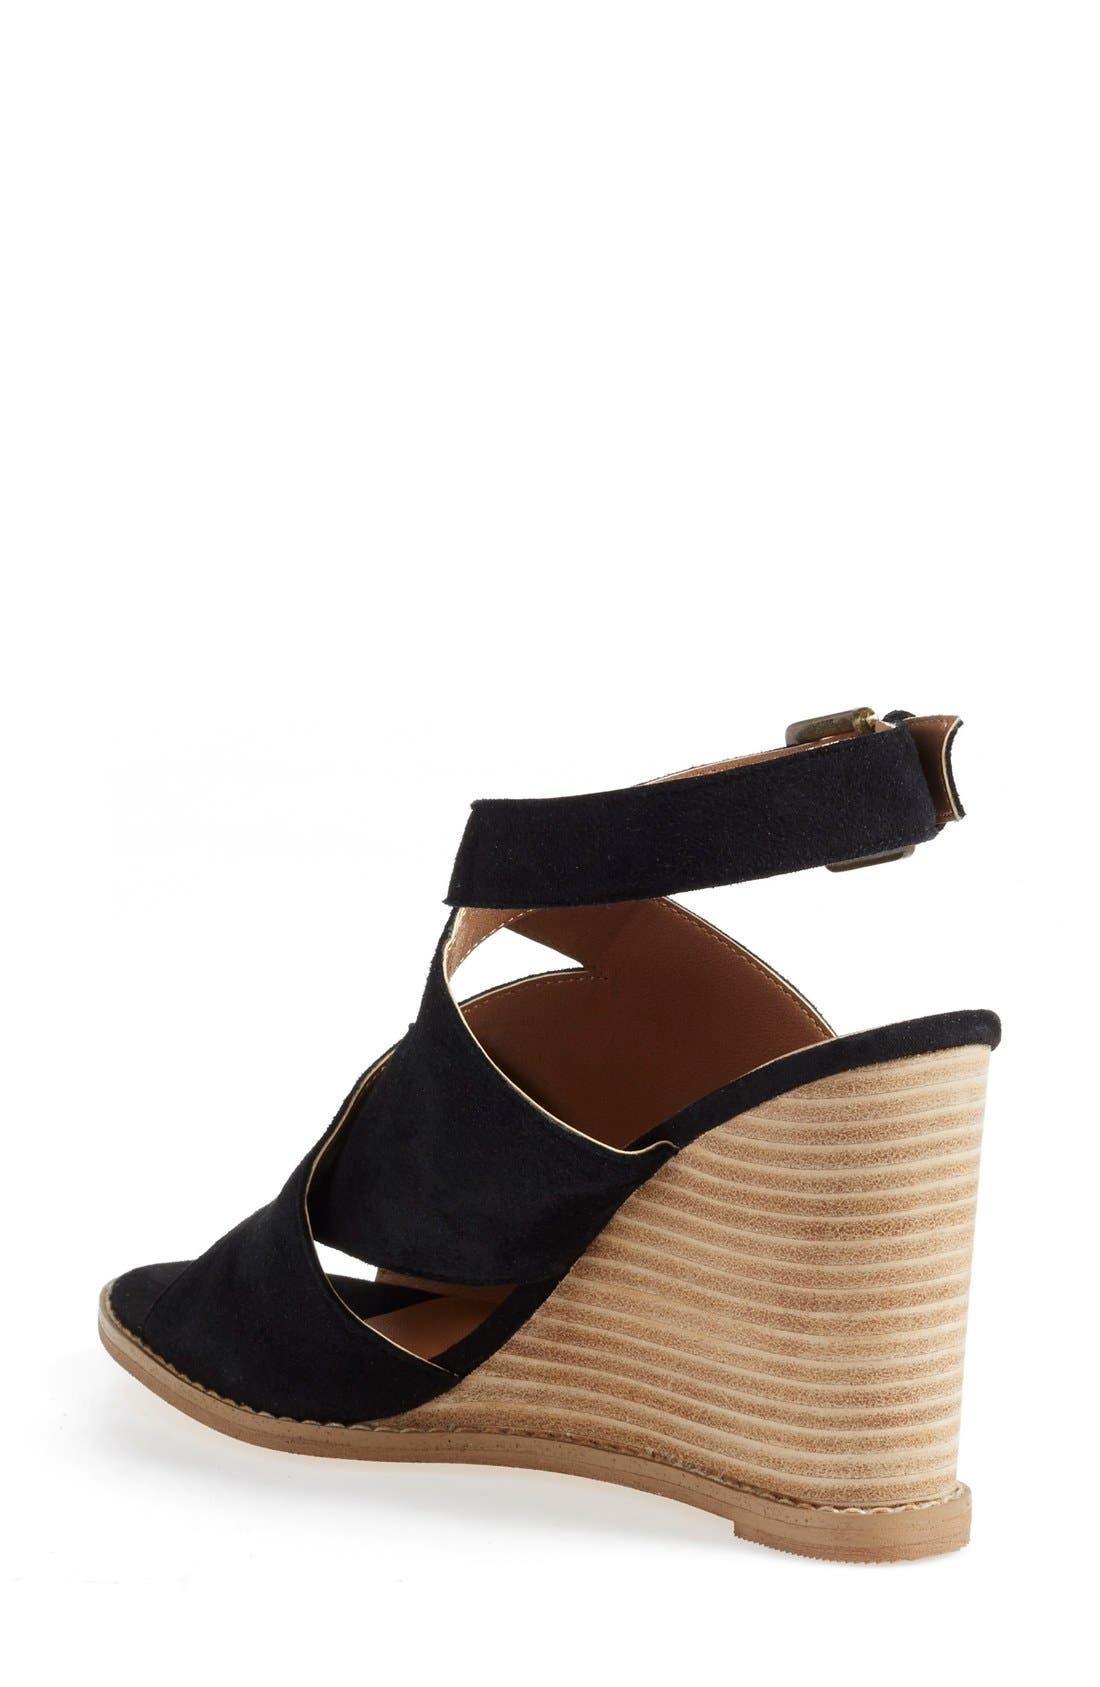 Caslon 'Hallie' Sandal,                             Alternate thumbnail 2, color,                             001